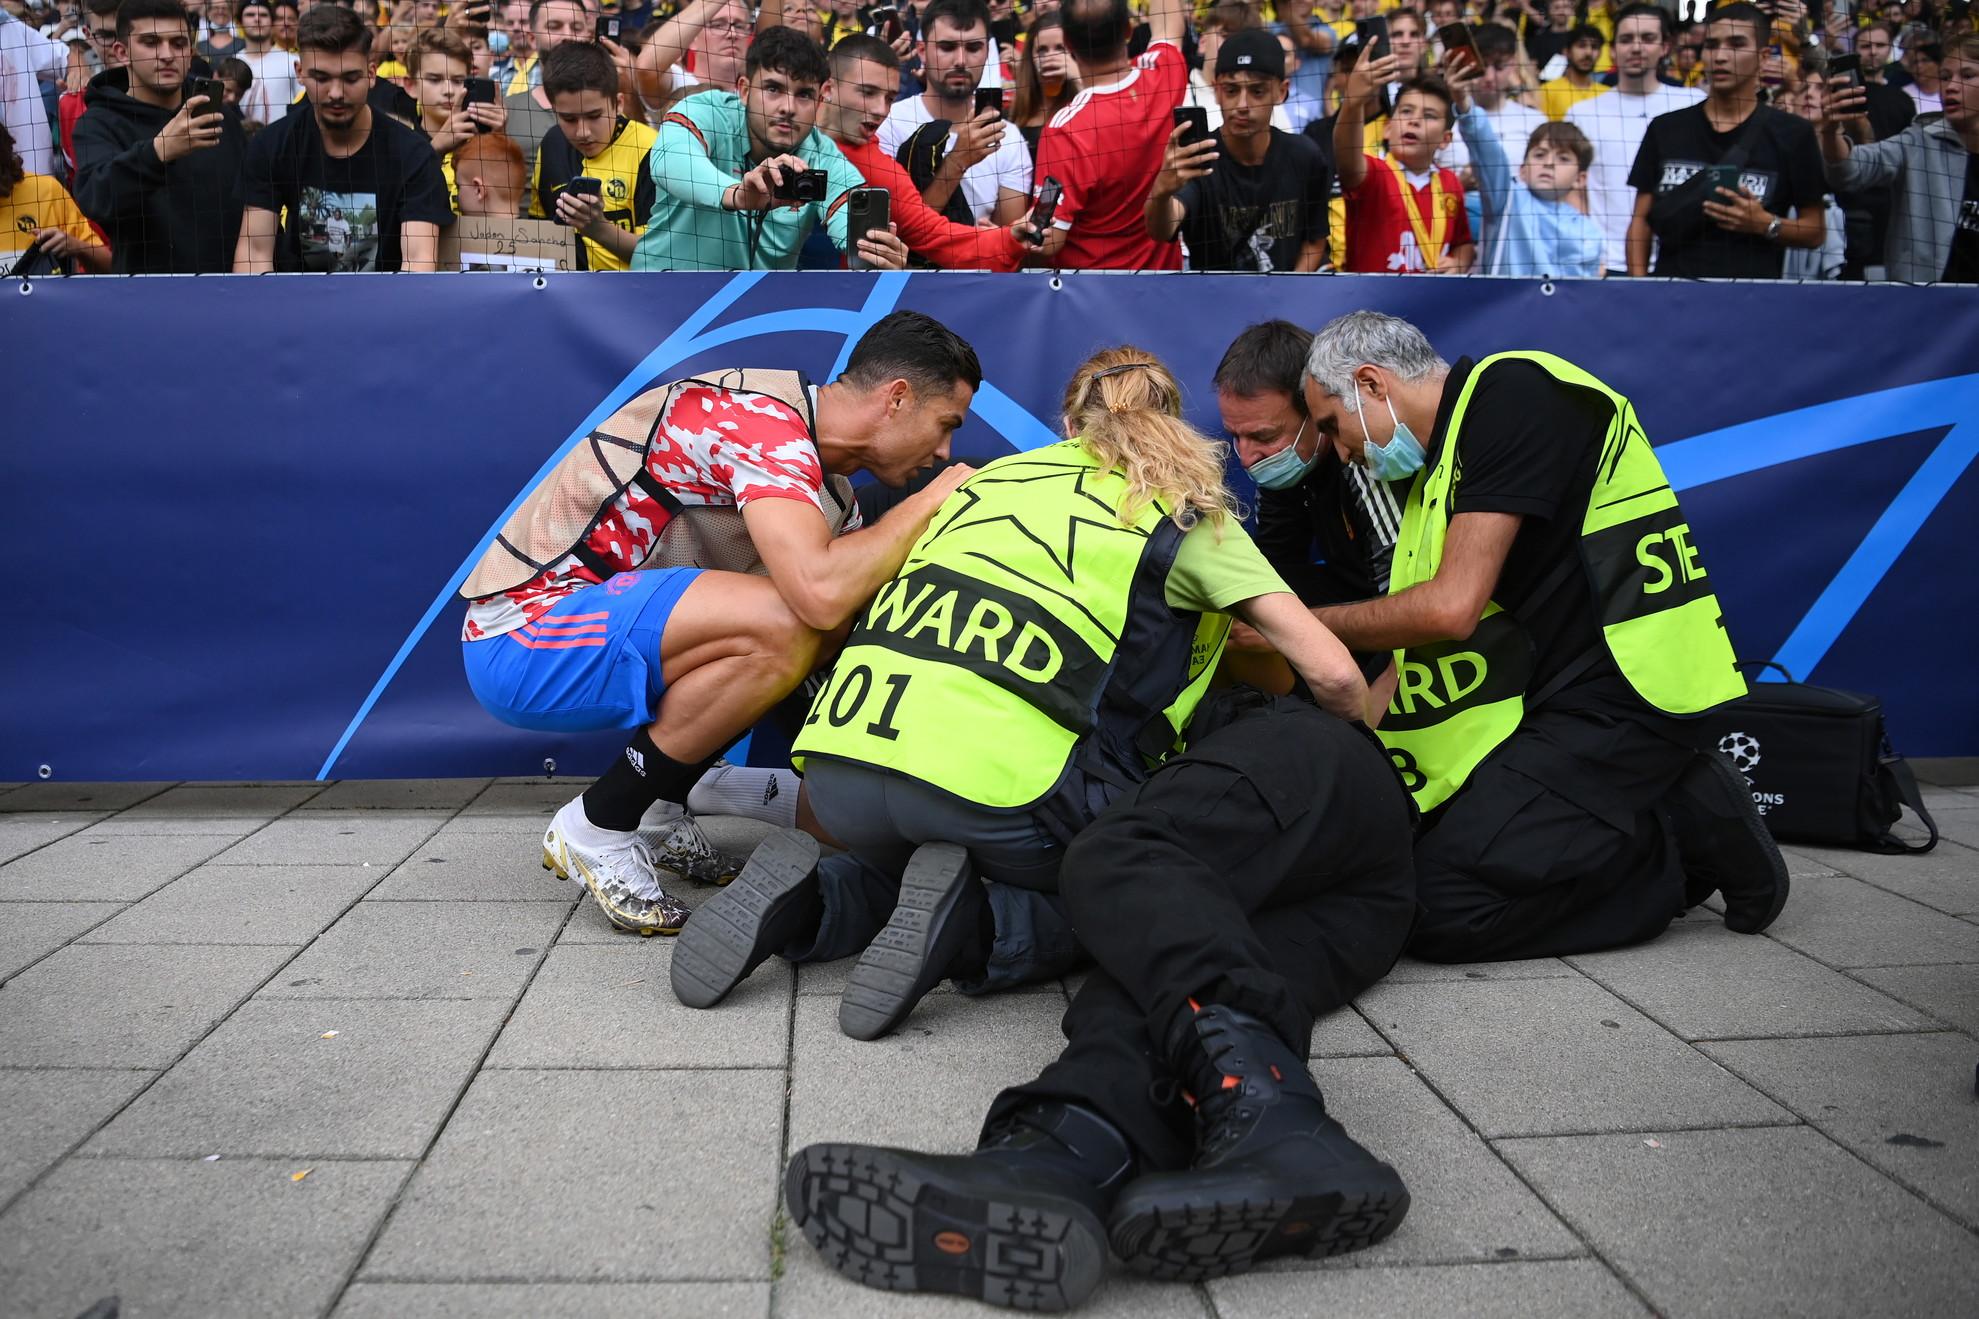 Prima di Young Boys-Manchester United, uno steward a bordocampo &egrave; stato colpito involontariamente da una pallonata scagliata da Cristiano Ronaldo. Caduto a terra vicino ai tabelloni pubblicitari e subito soccorso dai colleghi, tra i primi a sincerarsi delle sue condizioni anche il portoghese ex Juve&nbsp;che si &egrave; avvicinato per chiedergli come stesse.<br /><br />